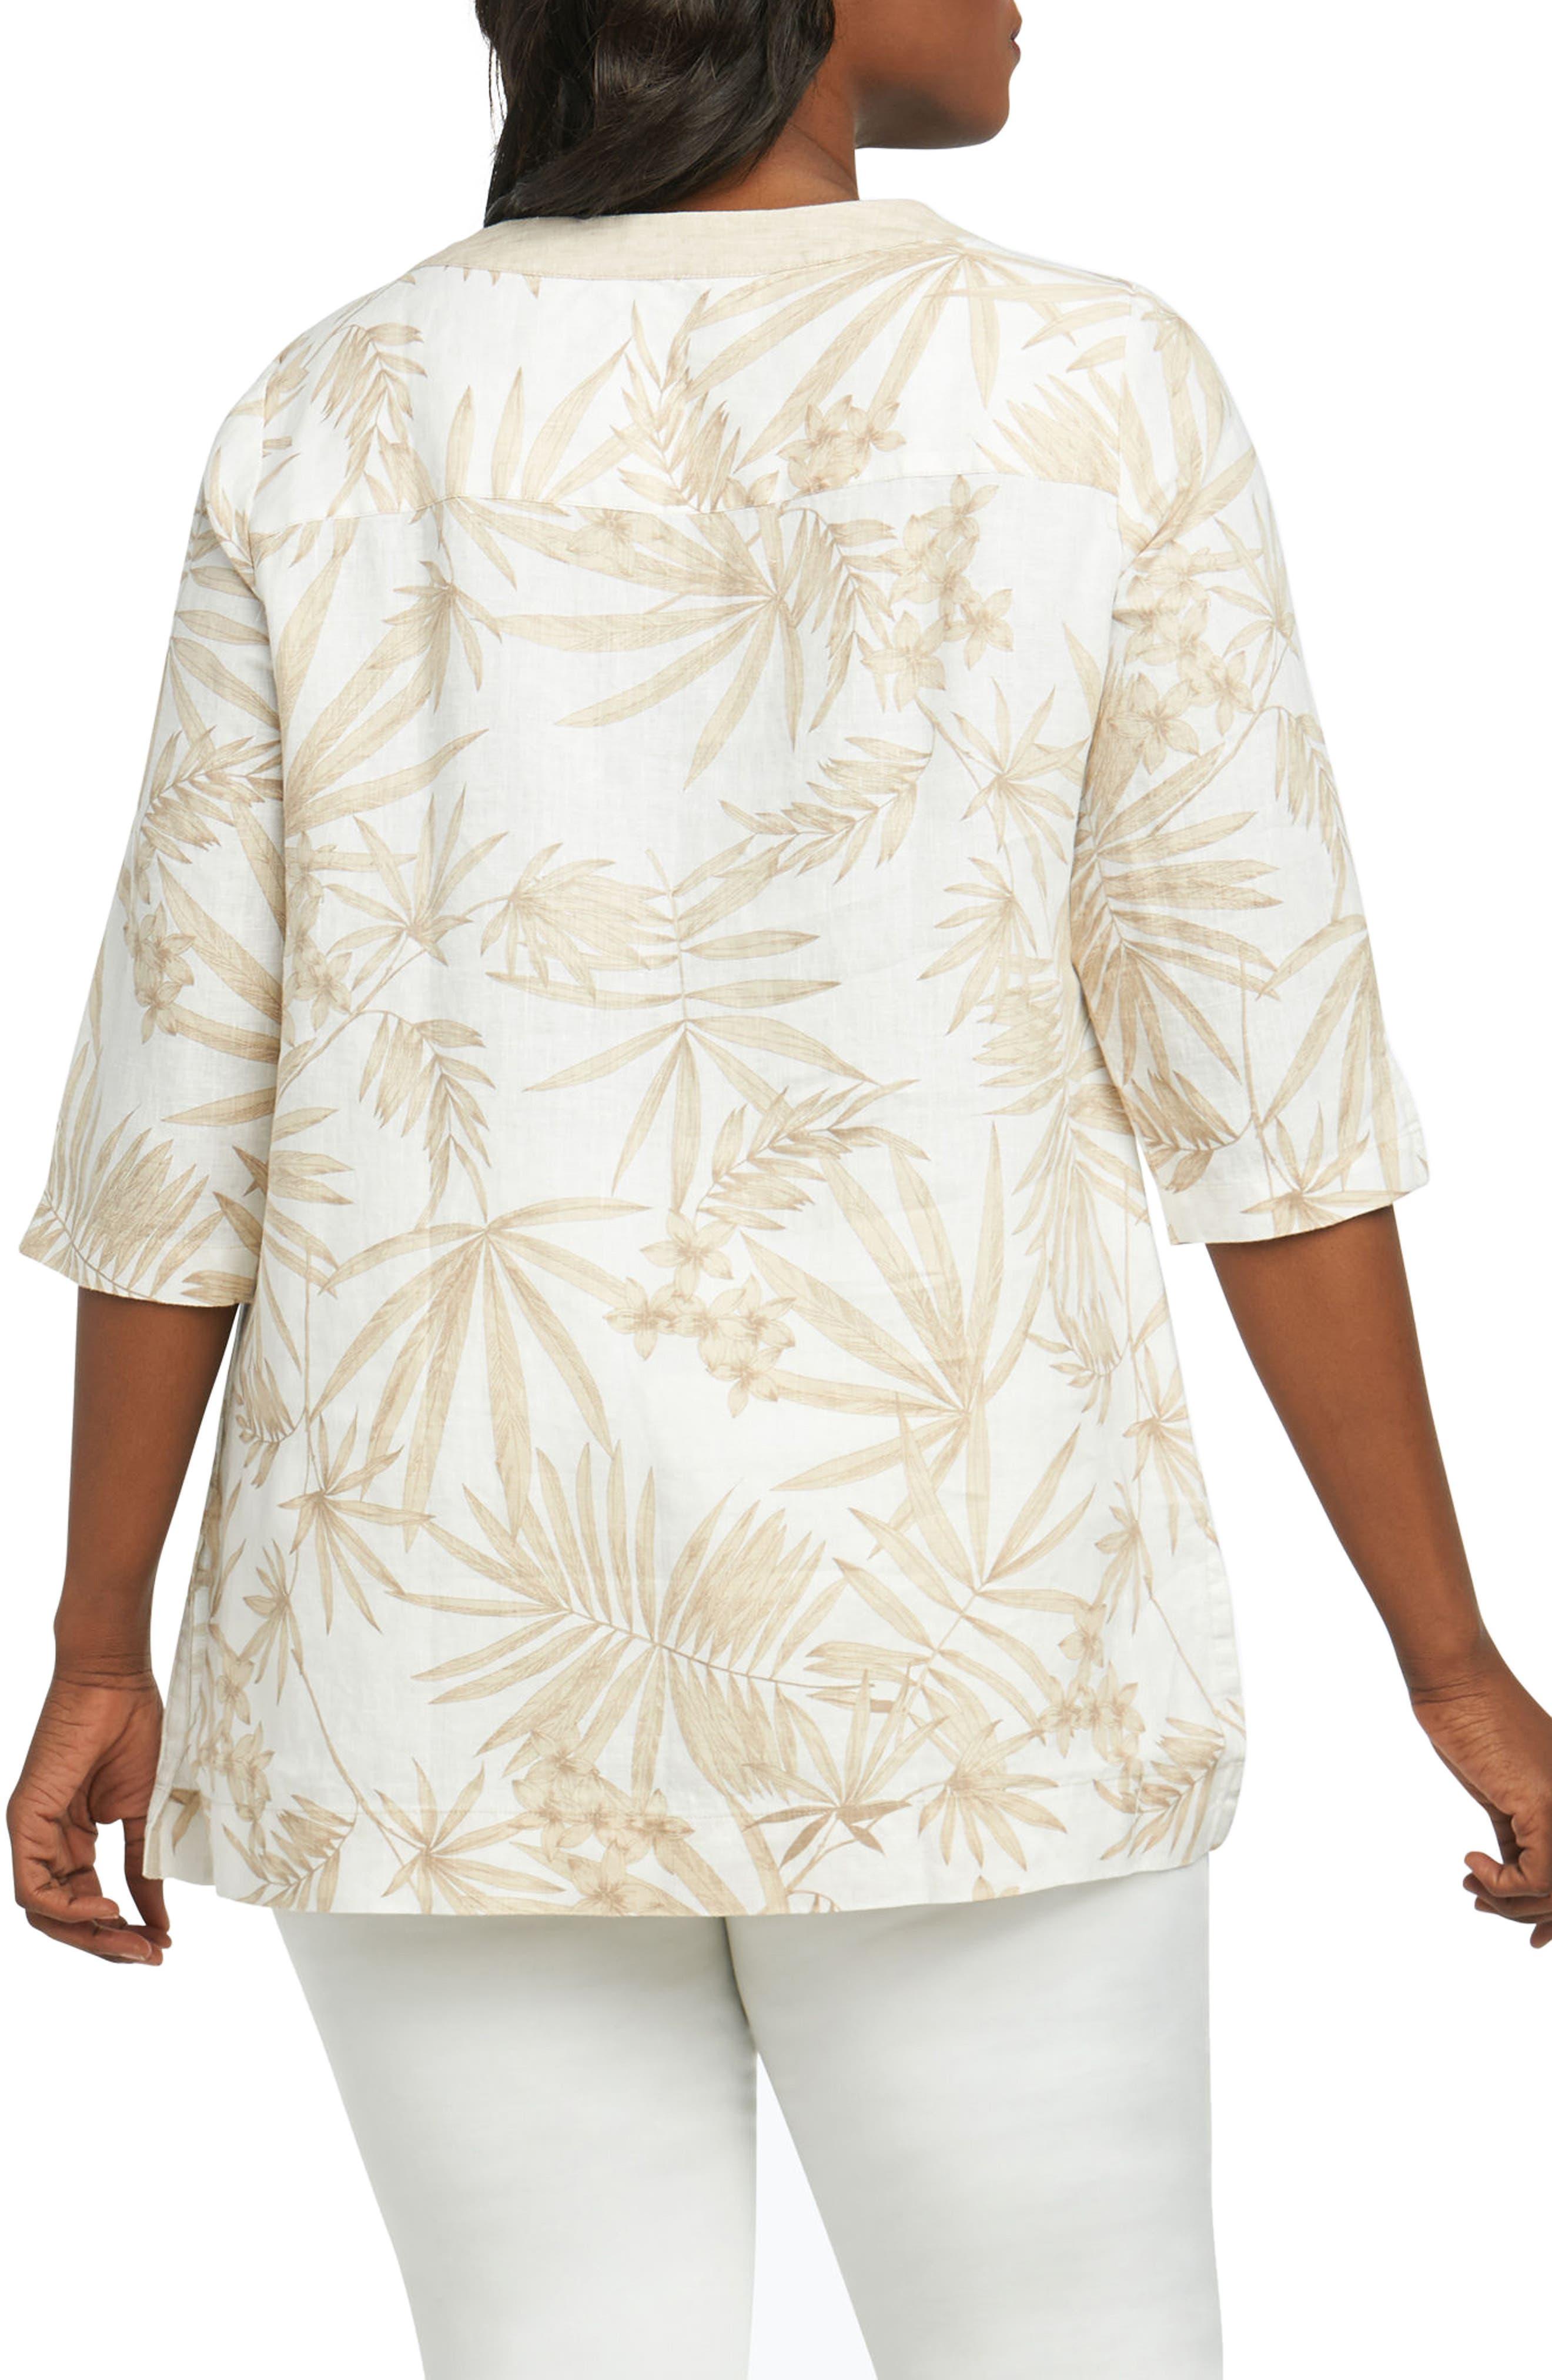 Toni Palm Linen Shirt,                             Alternate thumbnail 2, color,                             Flax